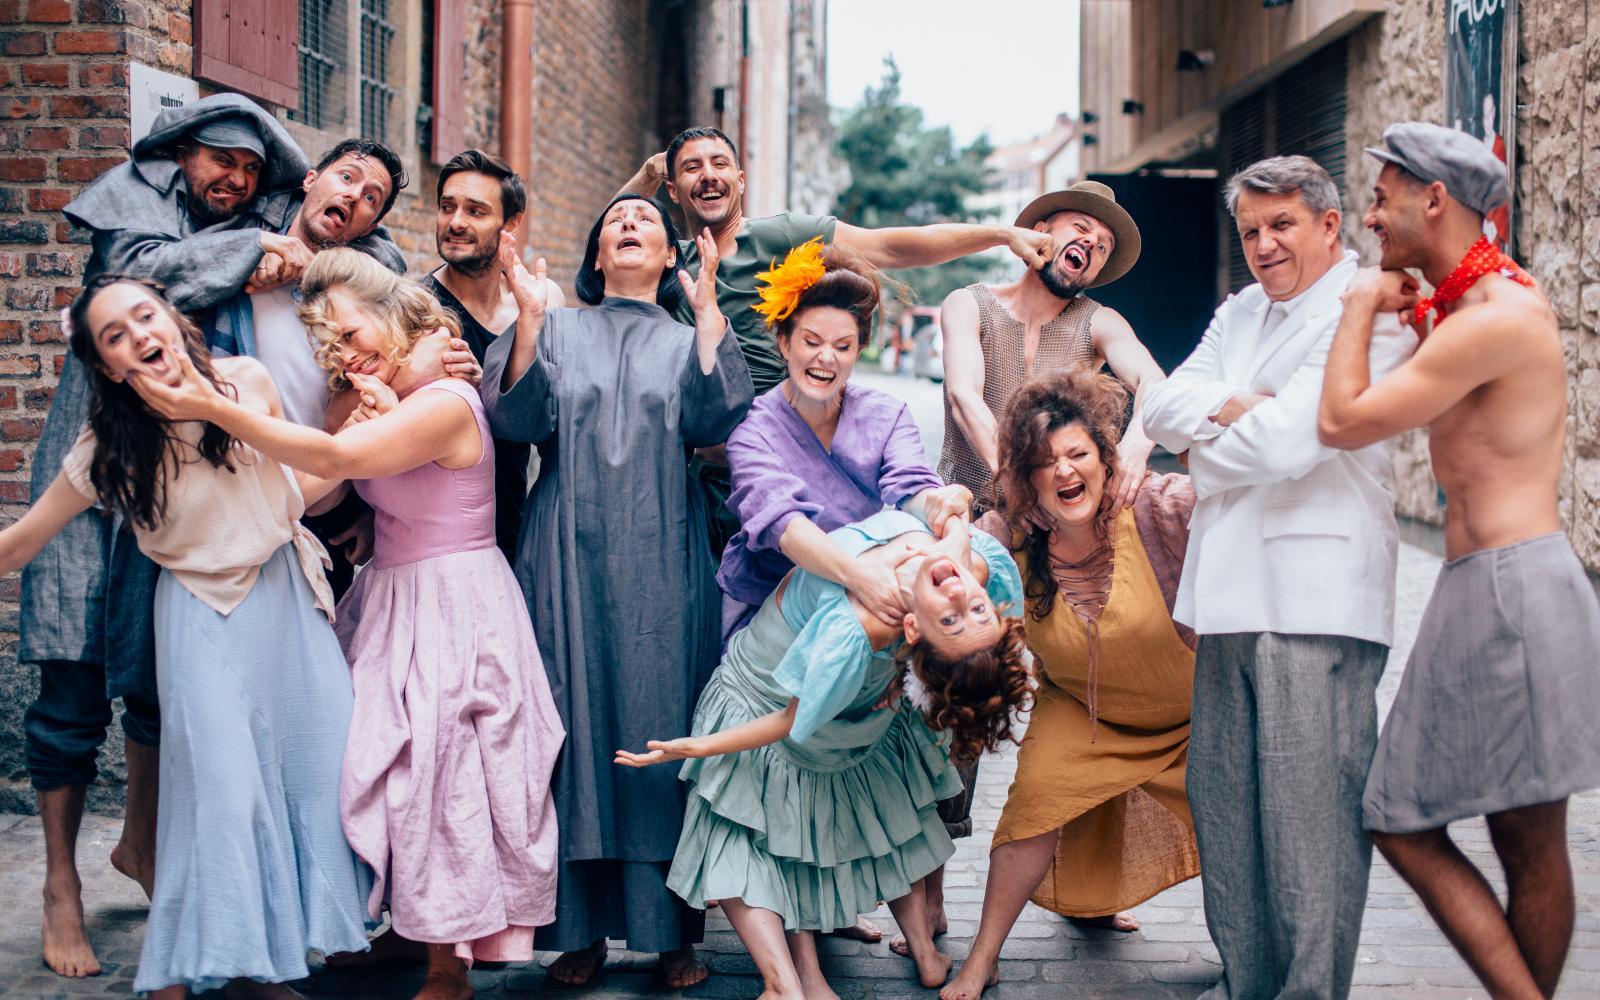 """Premiera w Teatrze Wybrzeże. Pełna rozmachu, intryg i humoru """"Awantura w Chioggi"""""""